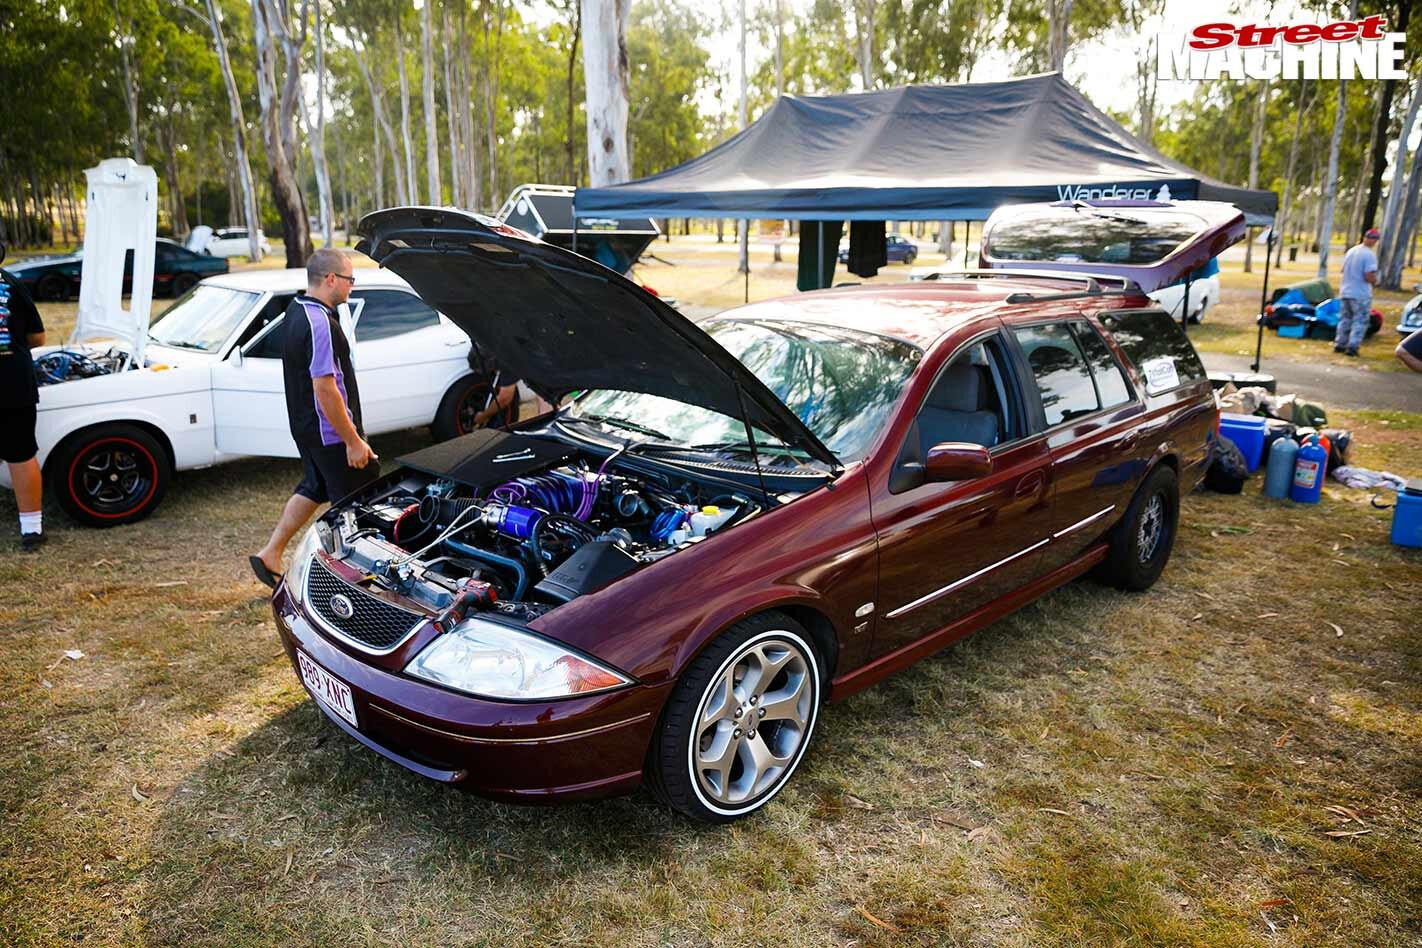 Ford AU Falcon wagon